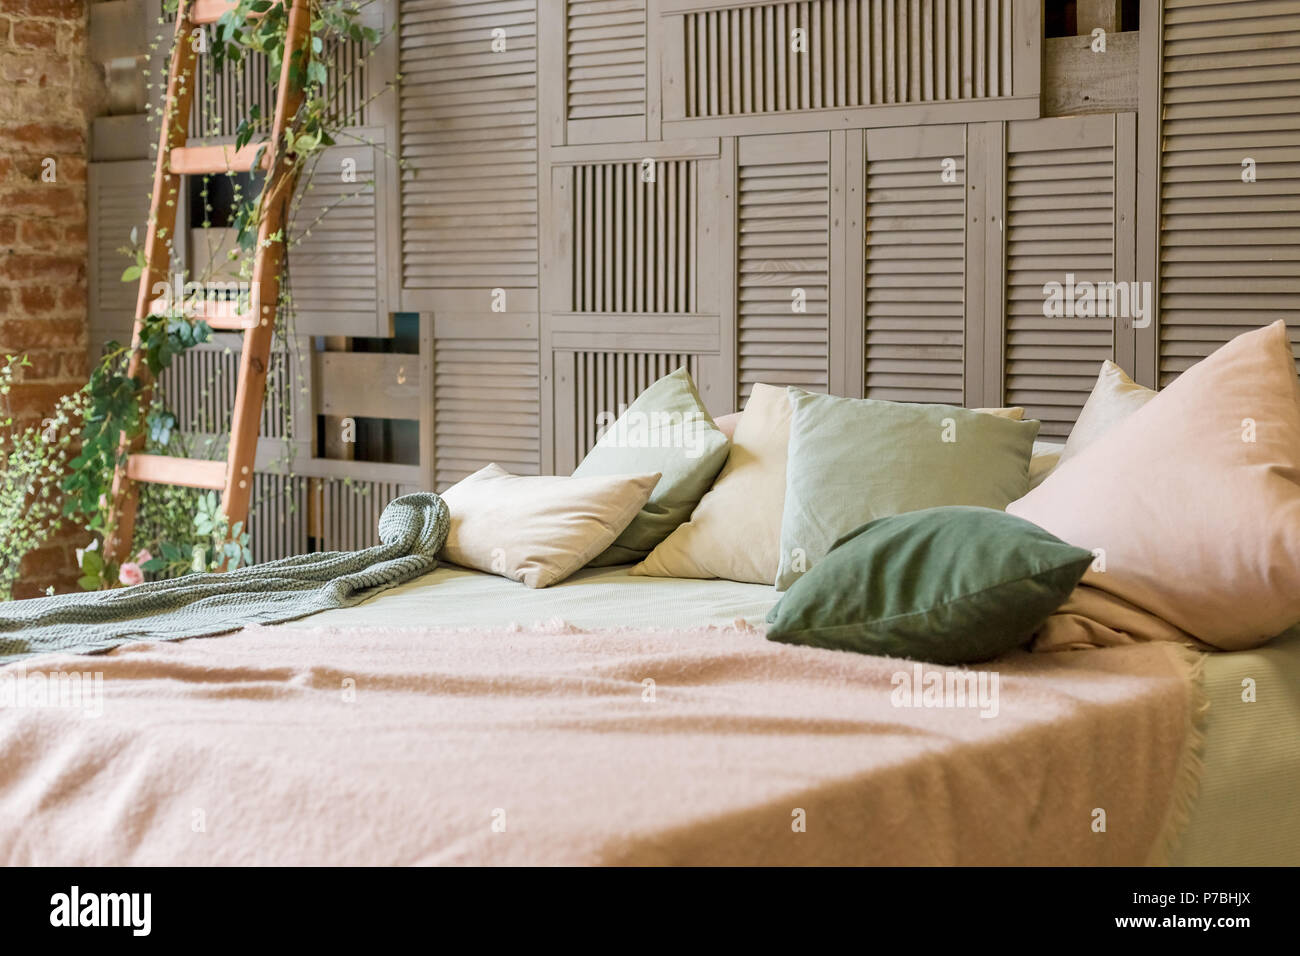 Arredamento Minimalista Camera Da Letto : La camera da letto è minimalista idee da letto